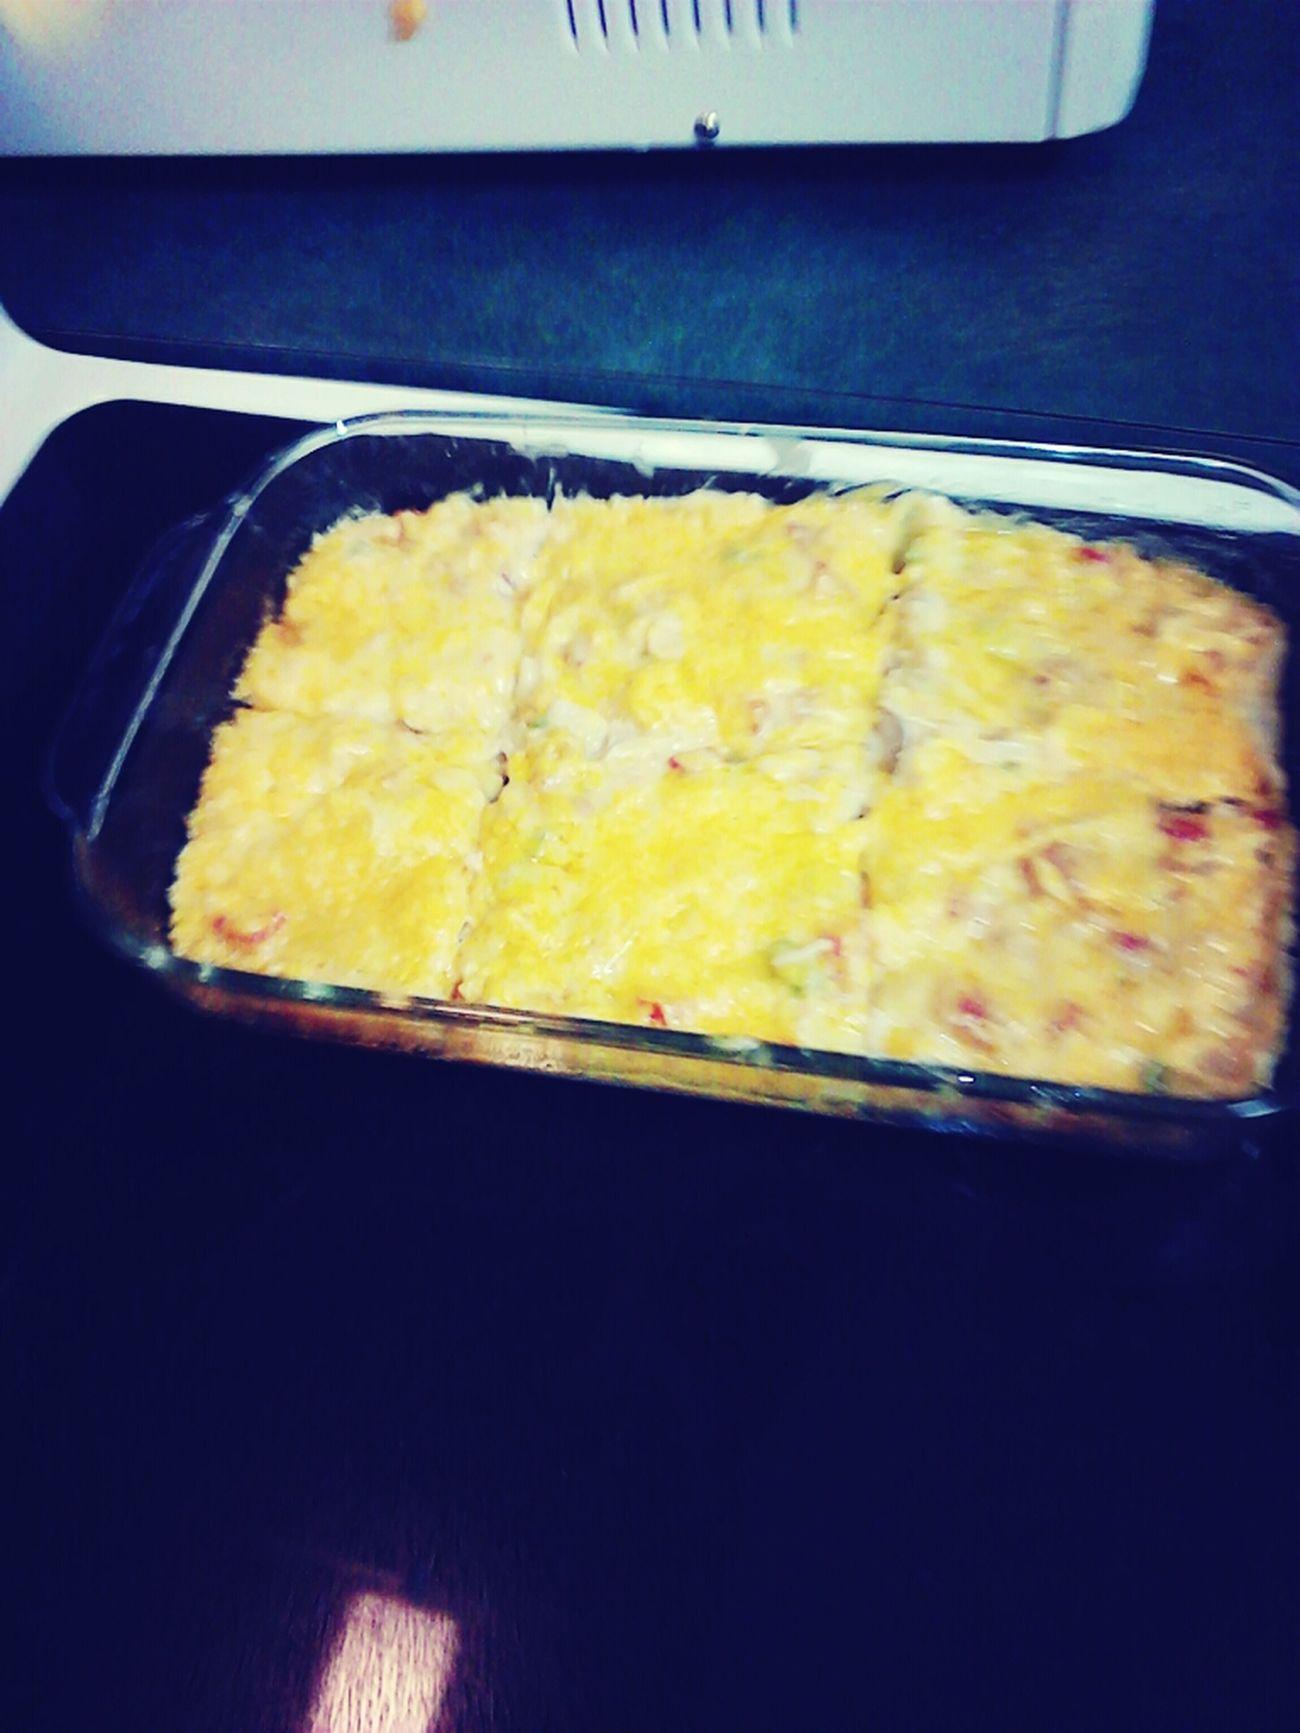 Made Chicken Tortilla Casserole In Class